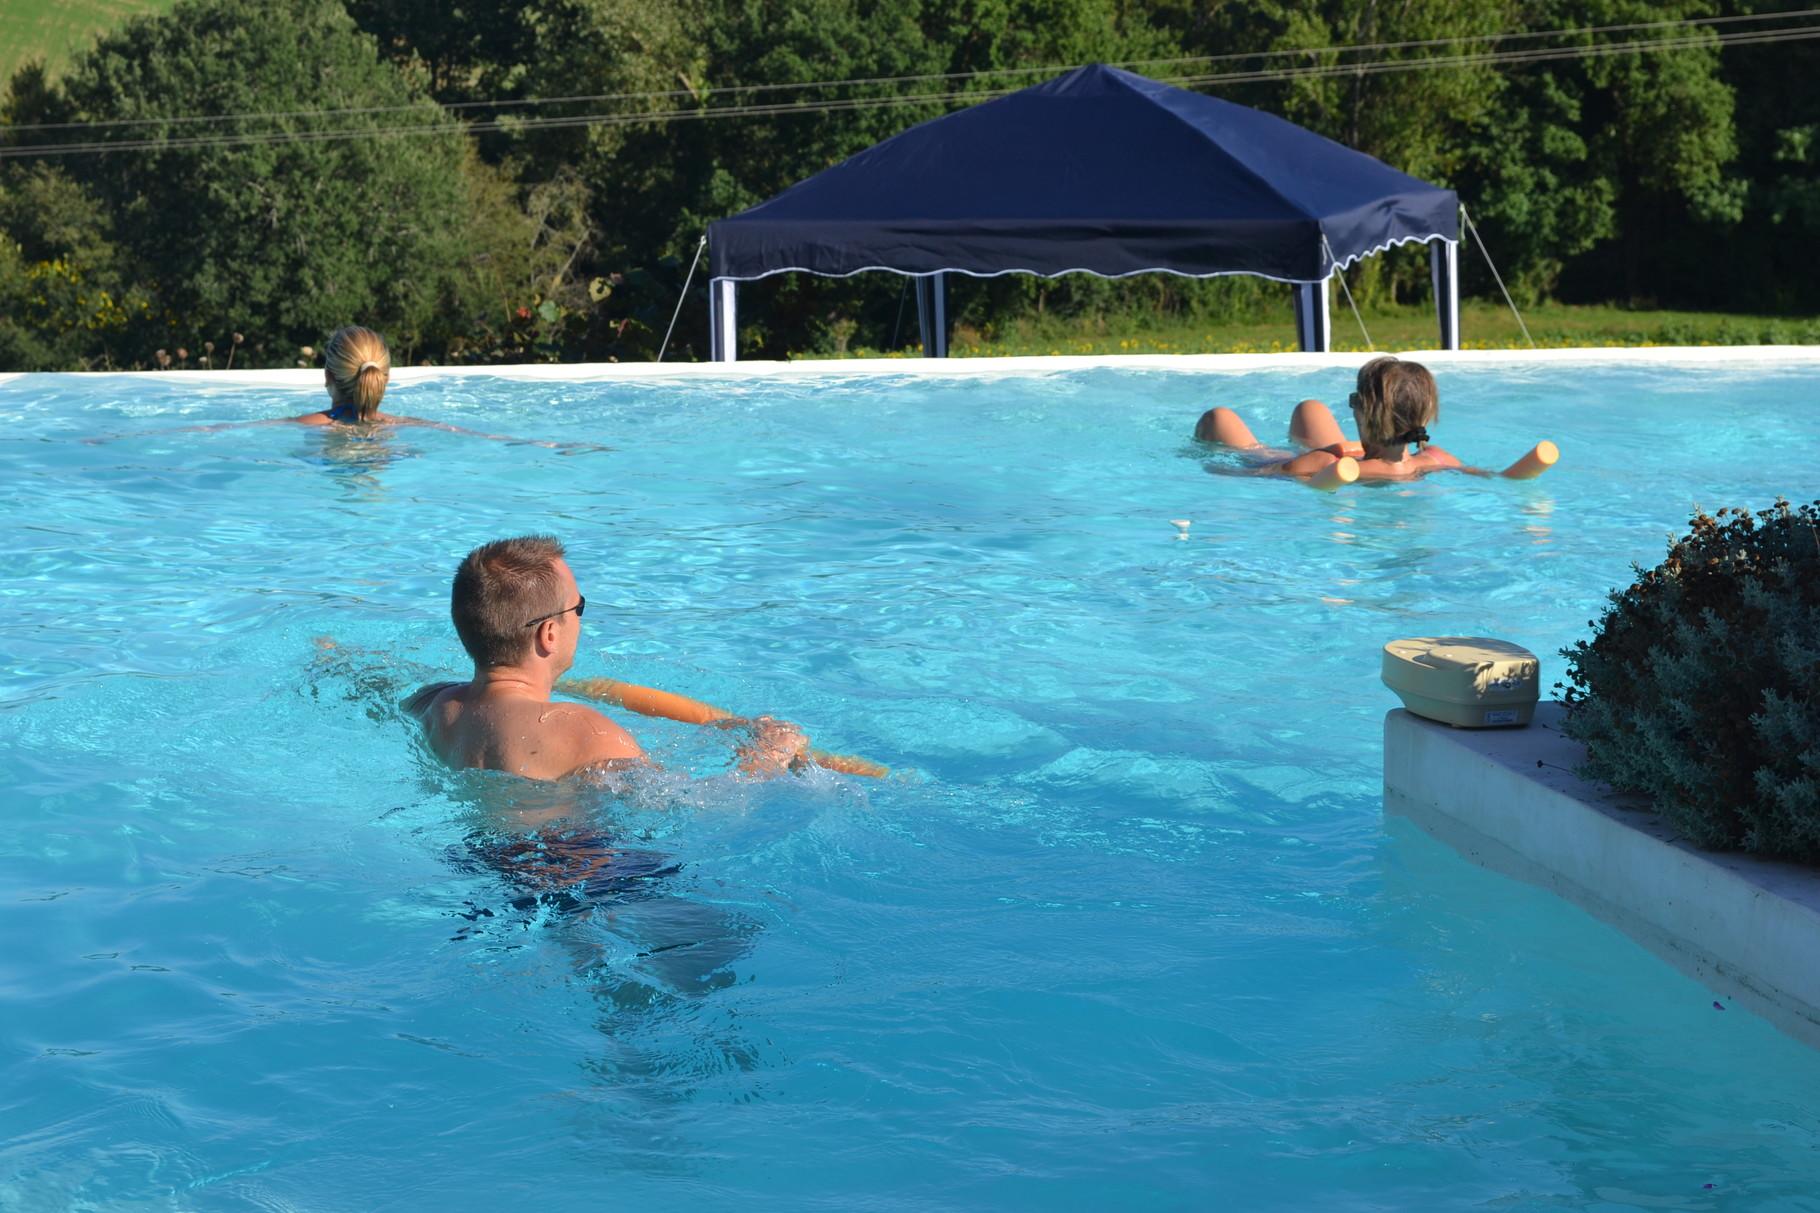 La piscine à débordement, toujours très appréciée pour le plaisir de tous,